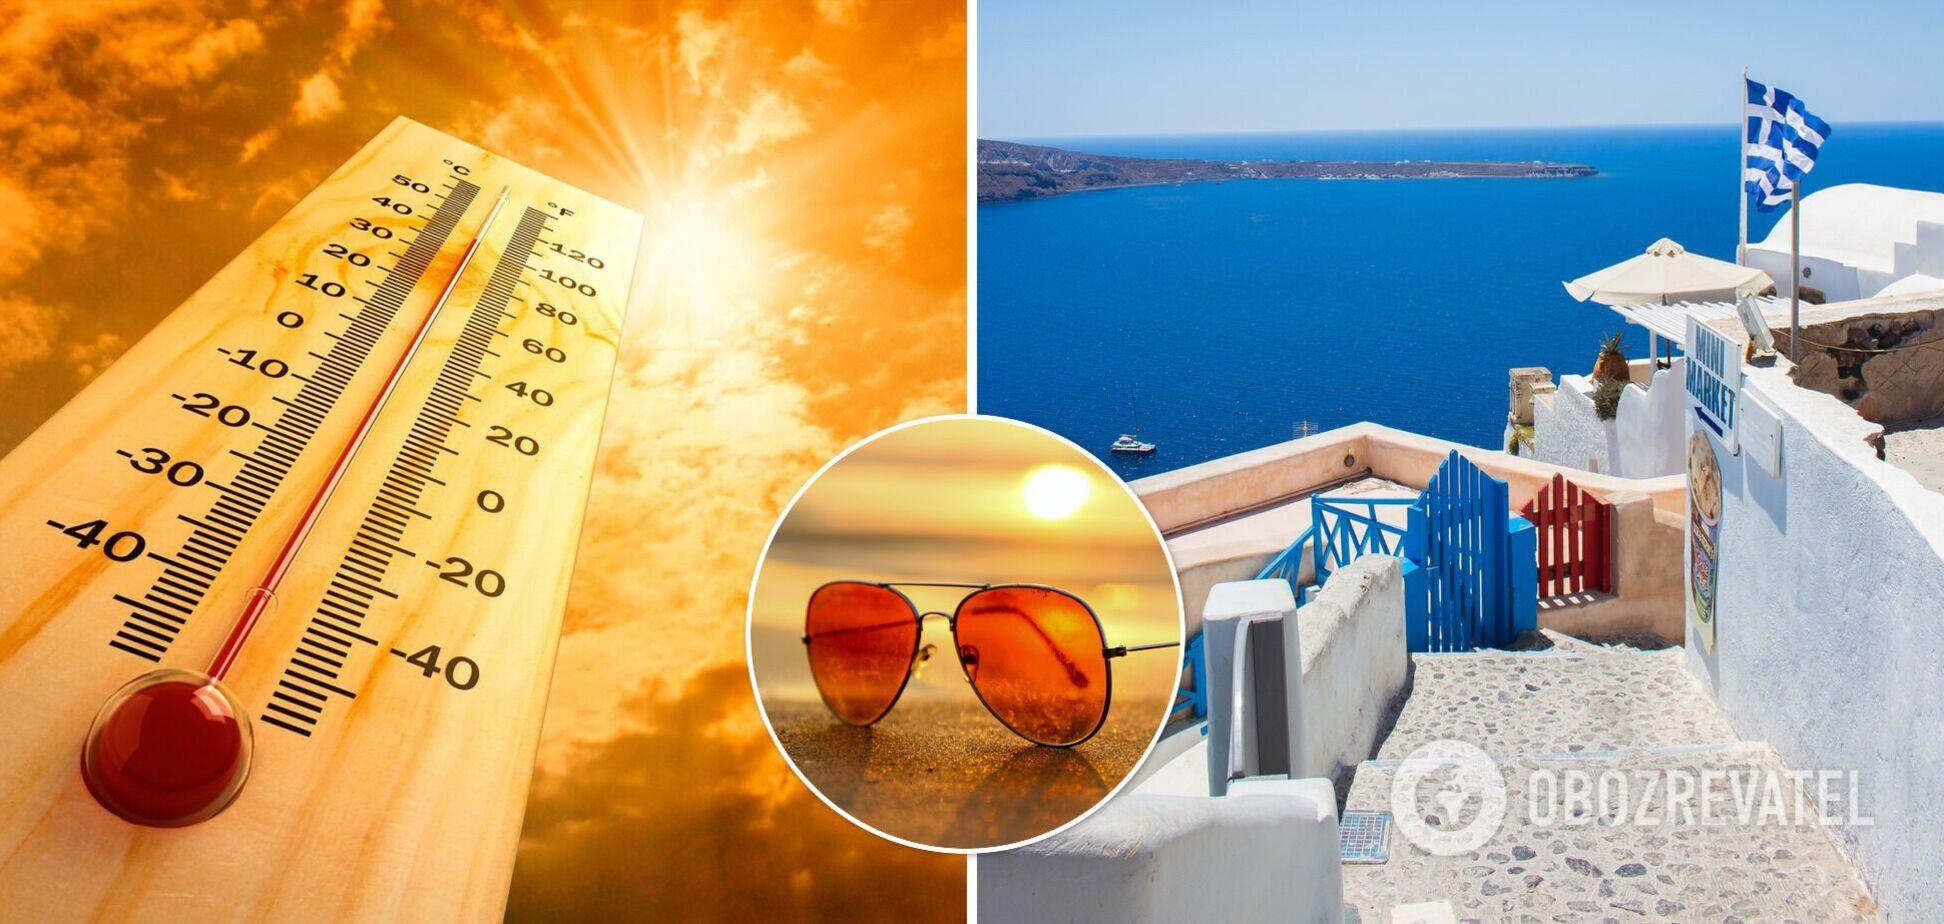 Спека в Греції